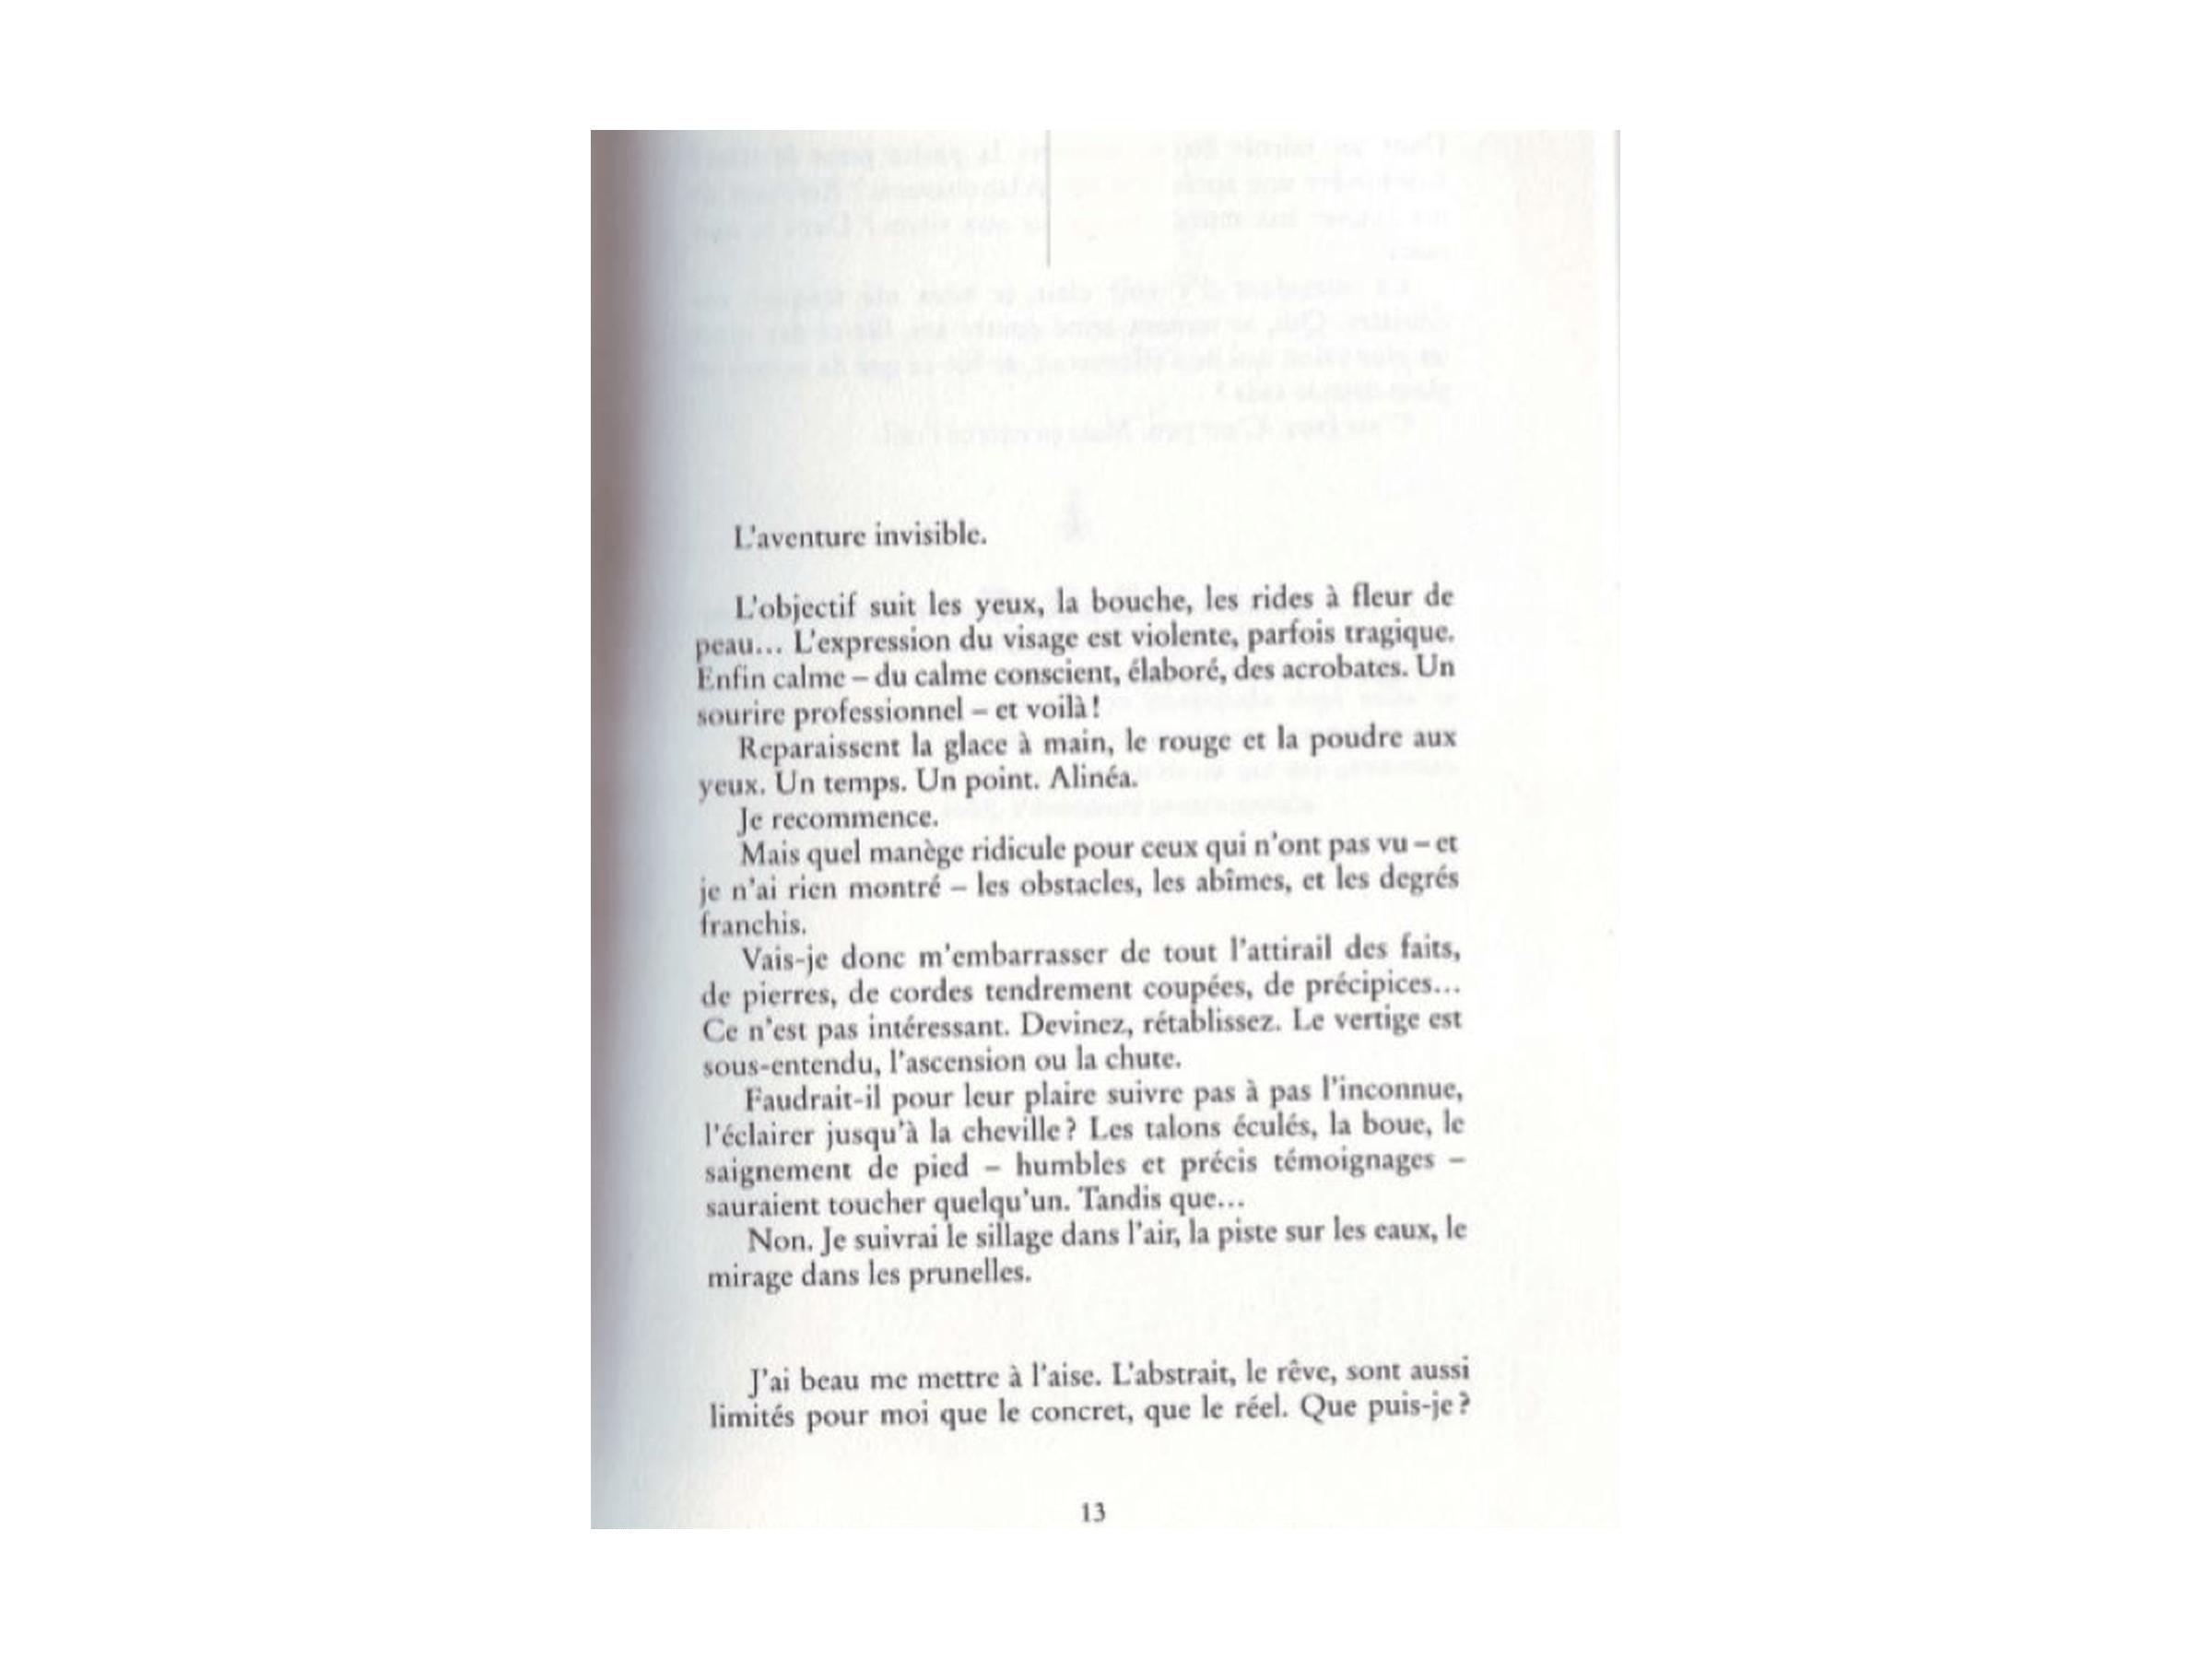 Carrousel_4-aveux-non-avenus-t